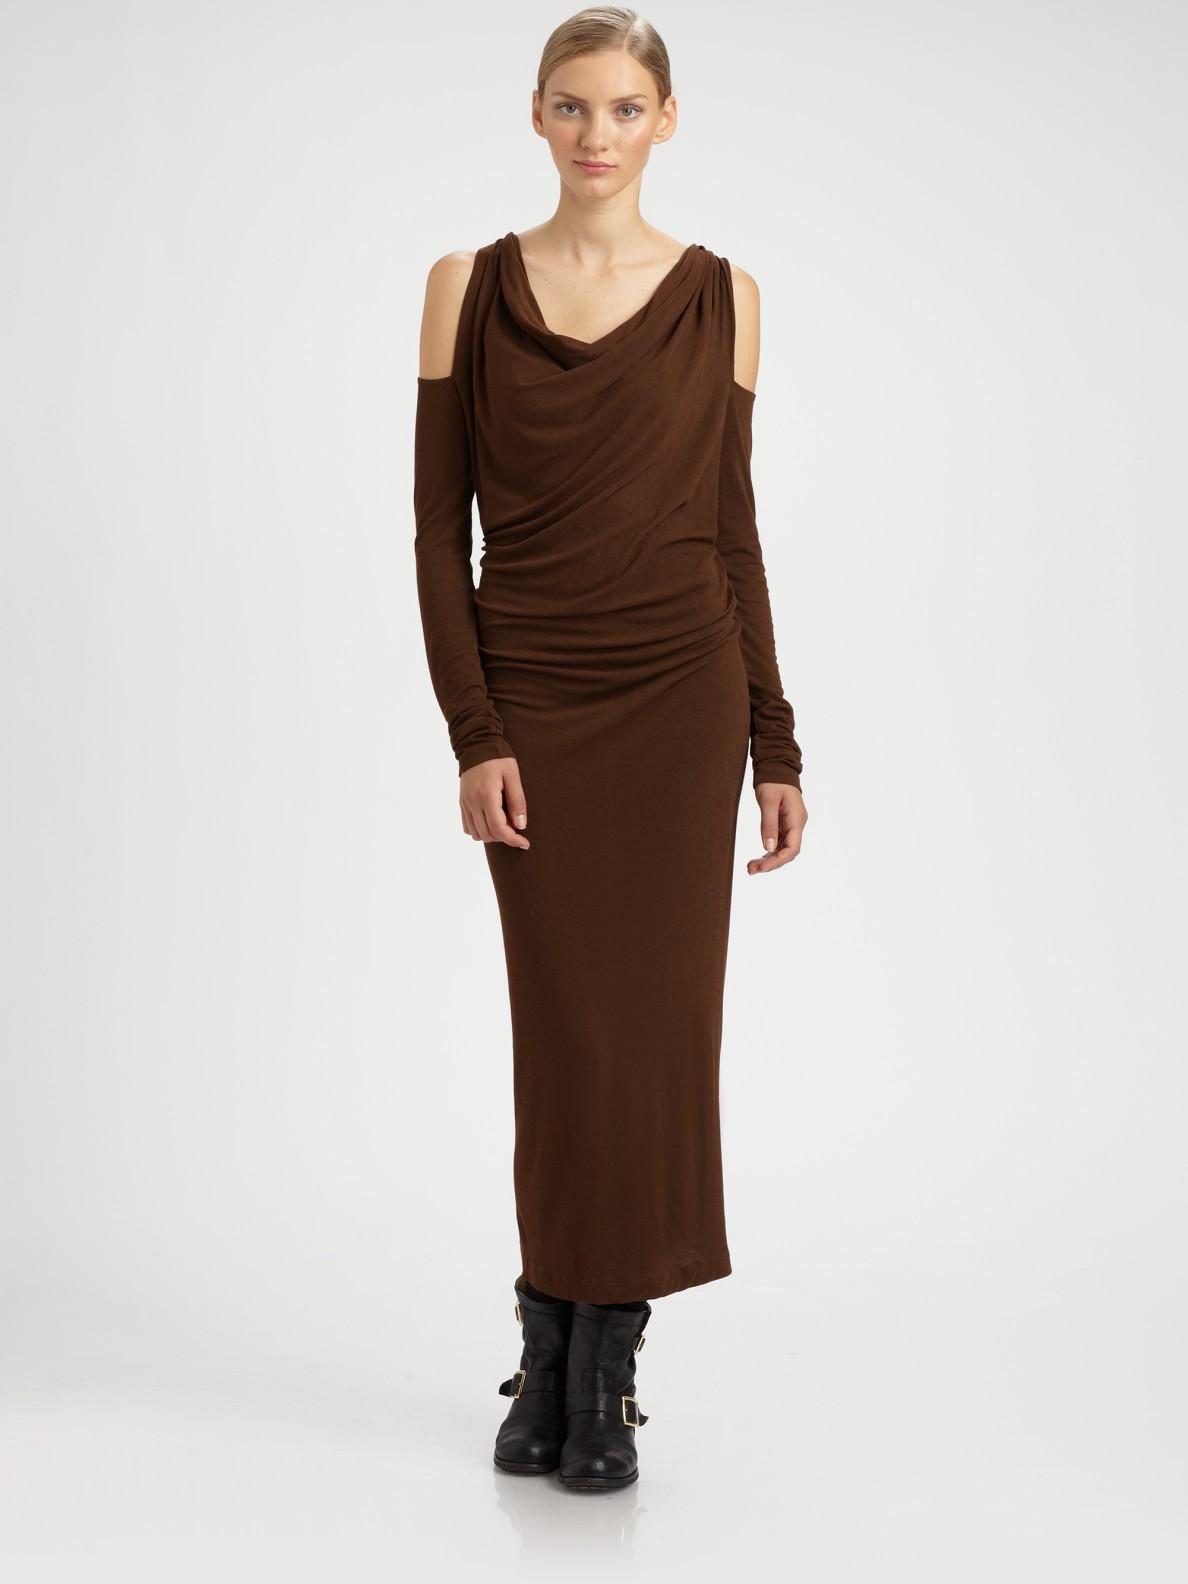 Donna karan new york cold shoulder dress in brown for Donna karan new york